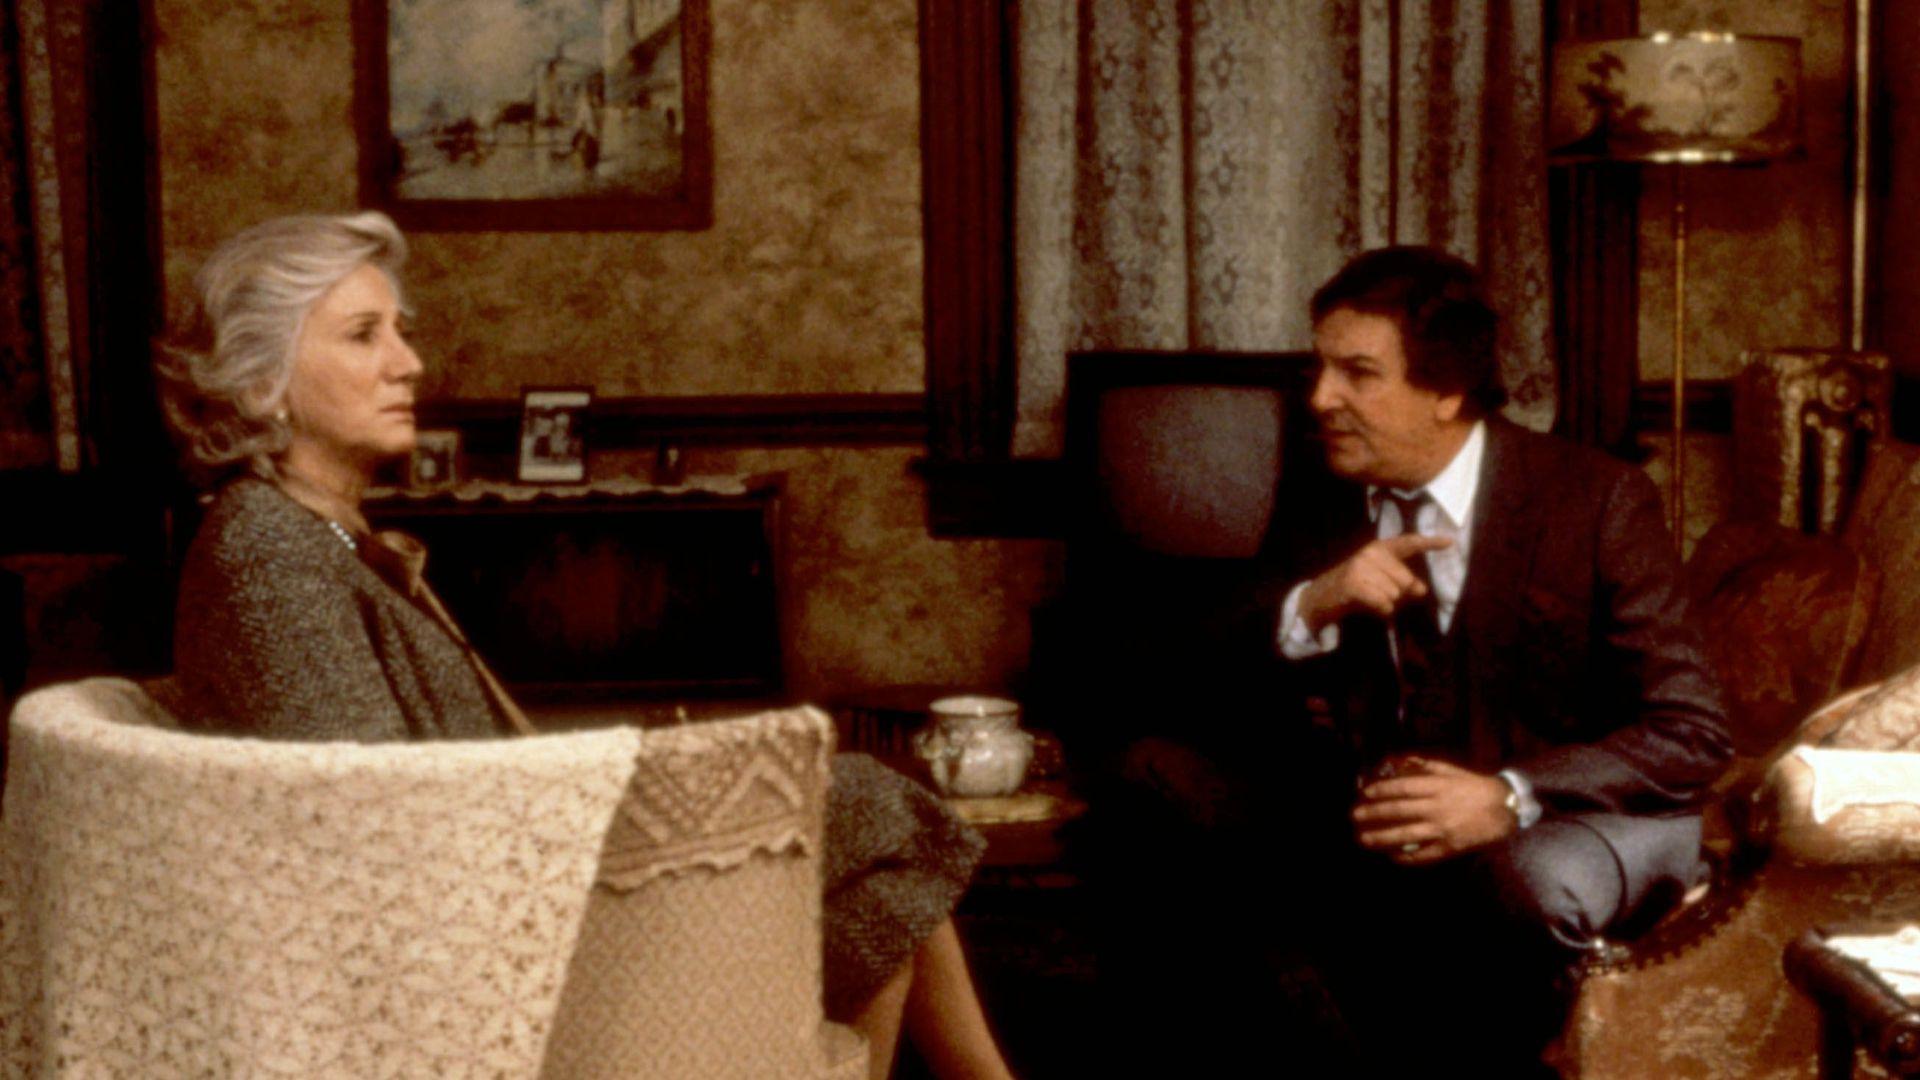 MOONSTRUCK, Olympia Dukakis, Danny Aiello, 1987.